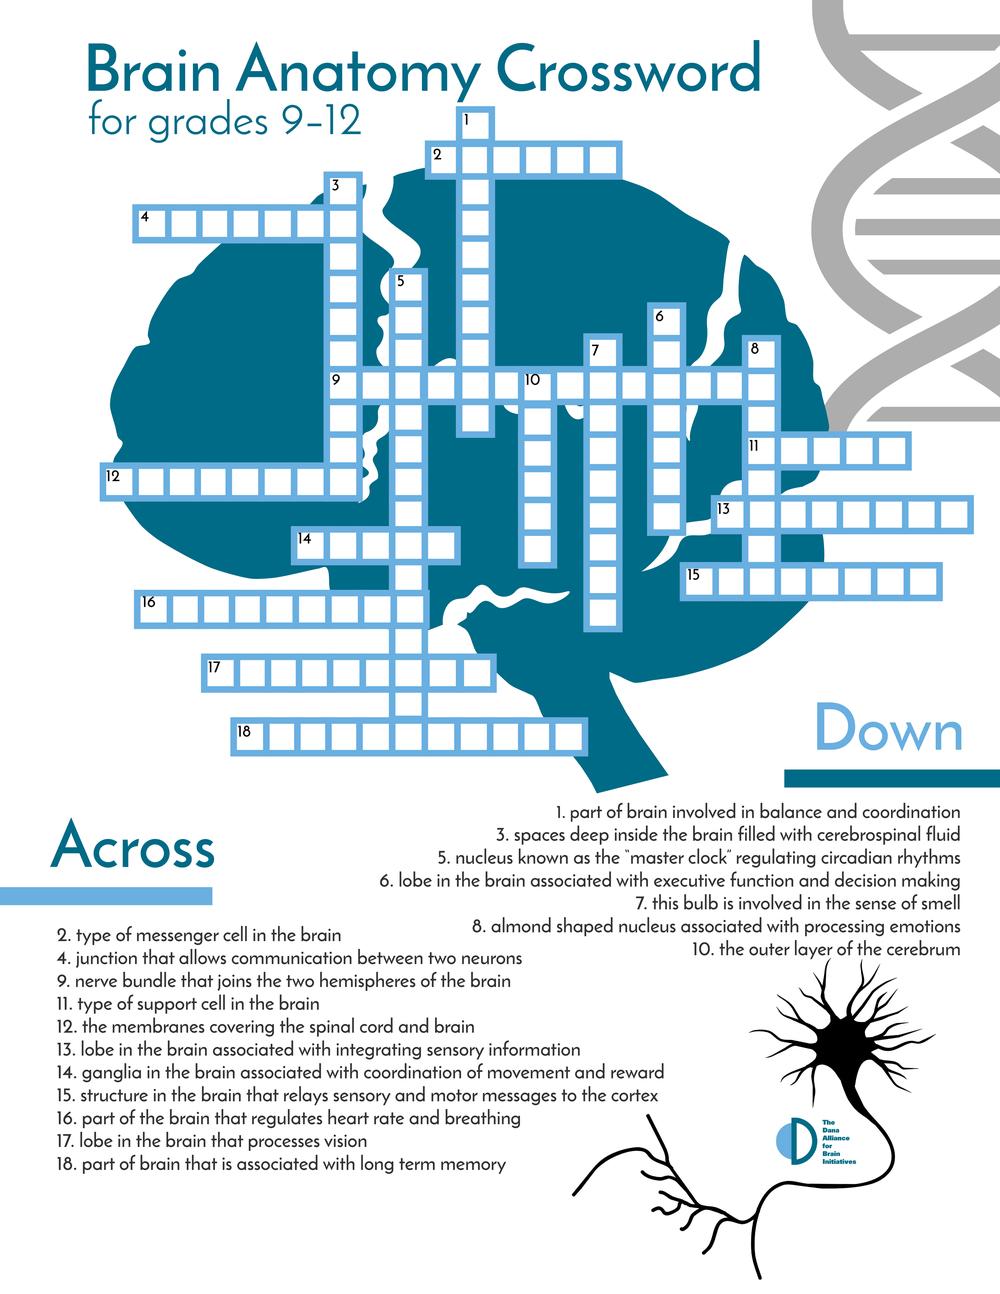 High School Anatomy Crossword Puzzle Color.jpg